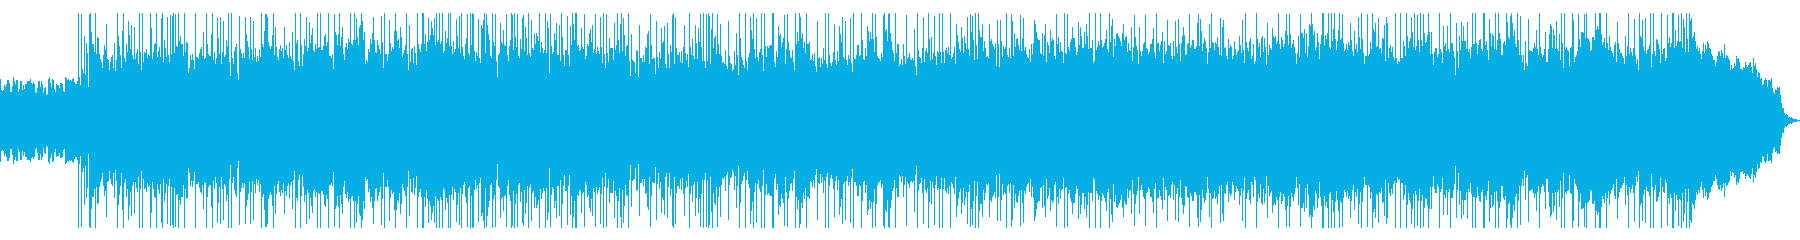 躍動感のある激しいハードロックの再生済みの波形